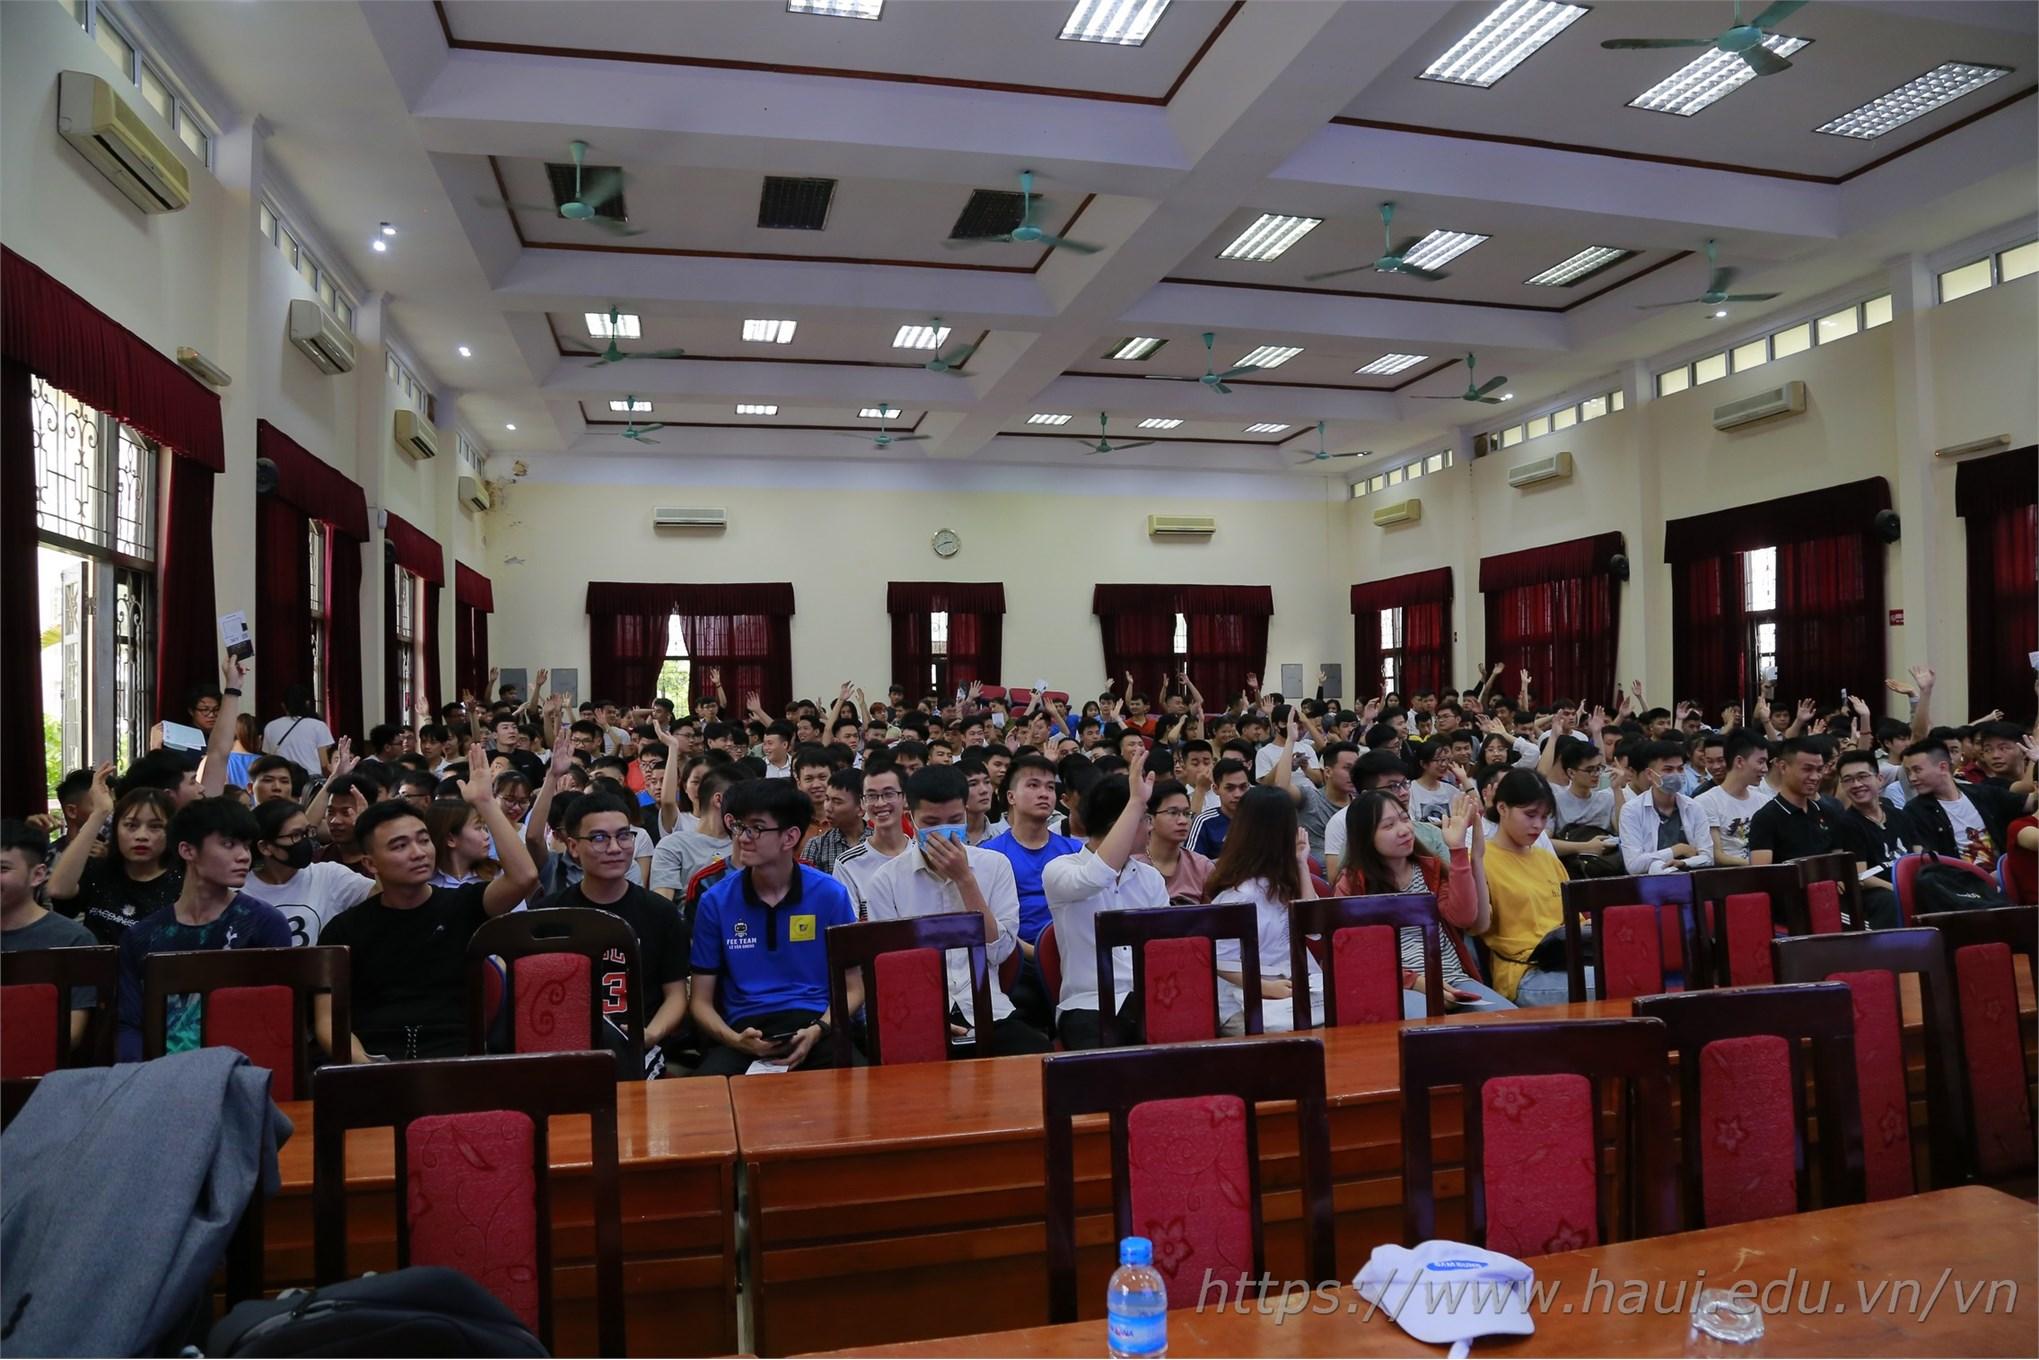 Các bạn hào hứng với những phần giao lưu tại Hội thảo cơ hội việc làm của Công ty TNHH Samsung Electronics Việt Nam